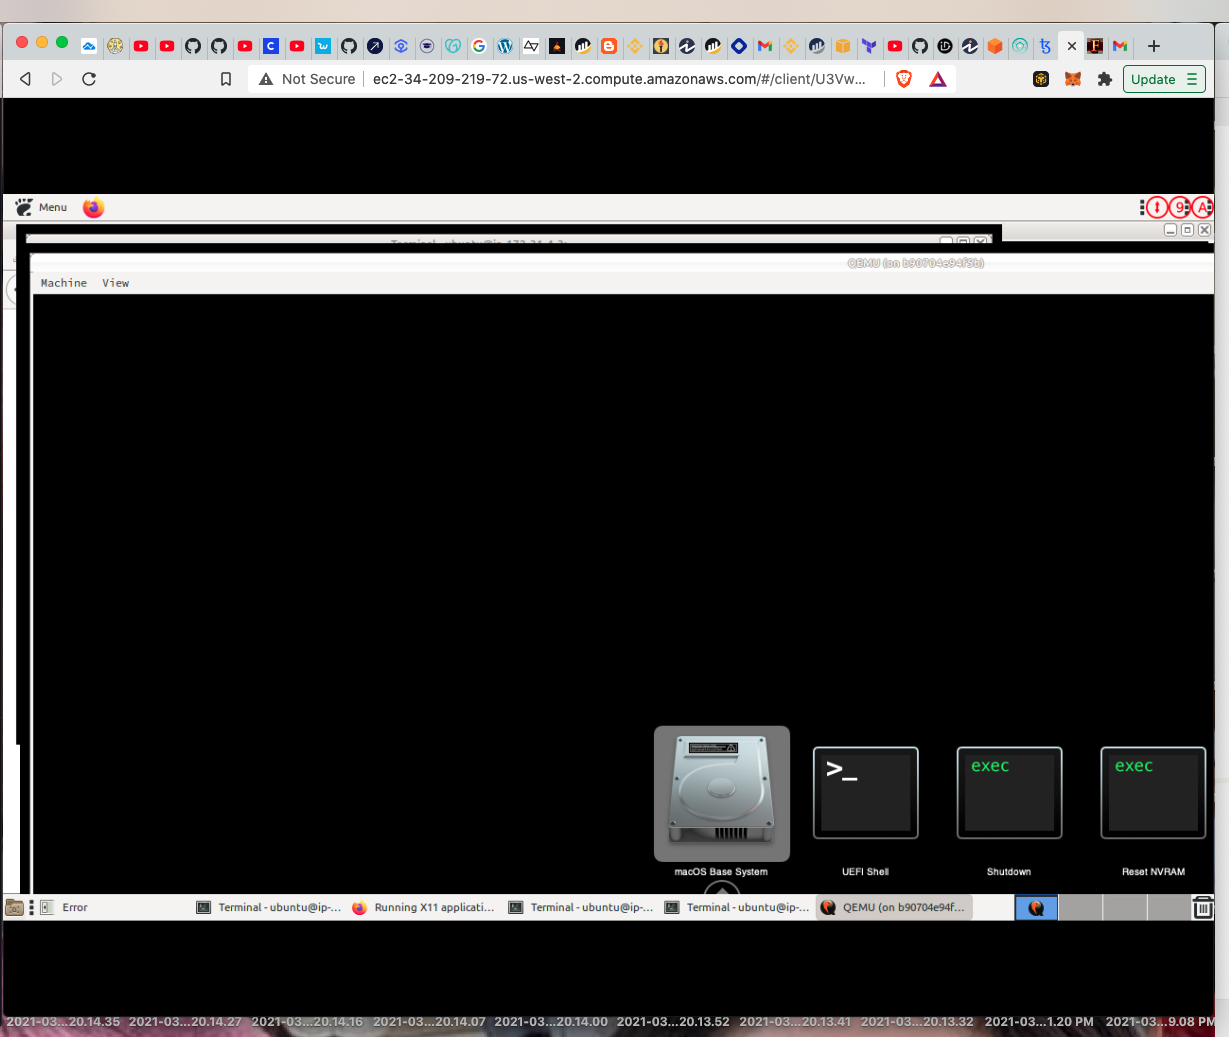 Screen Shot 2021-04-28 at 8 09 43 PM